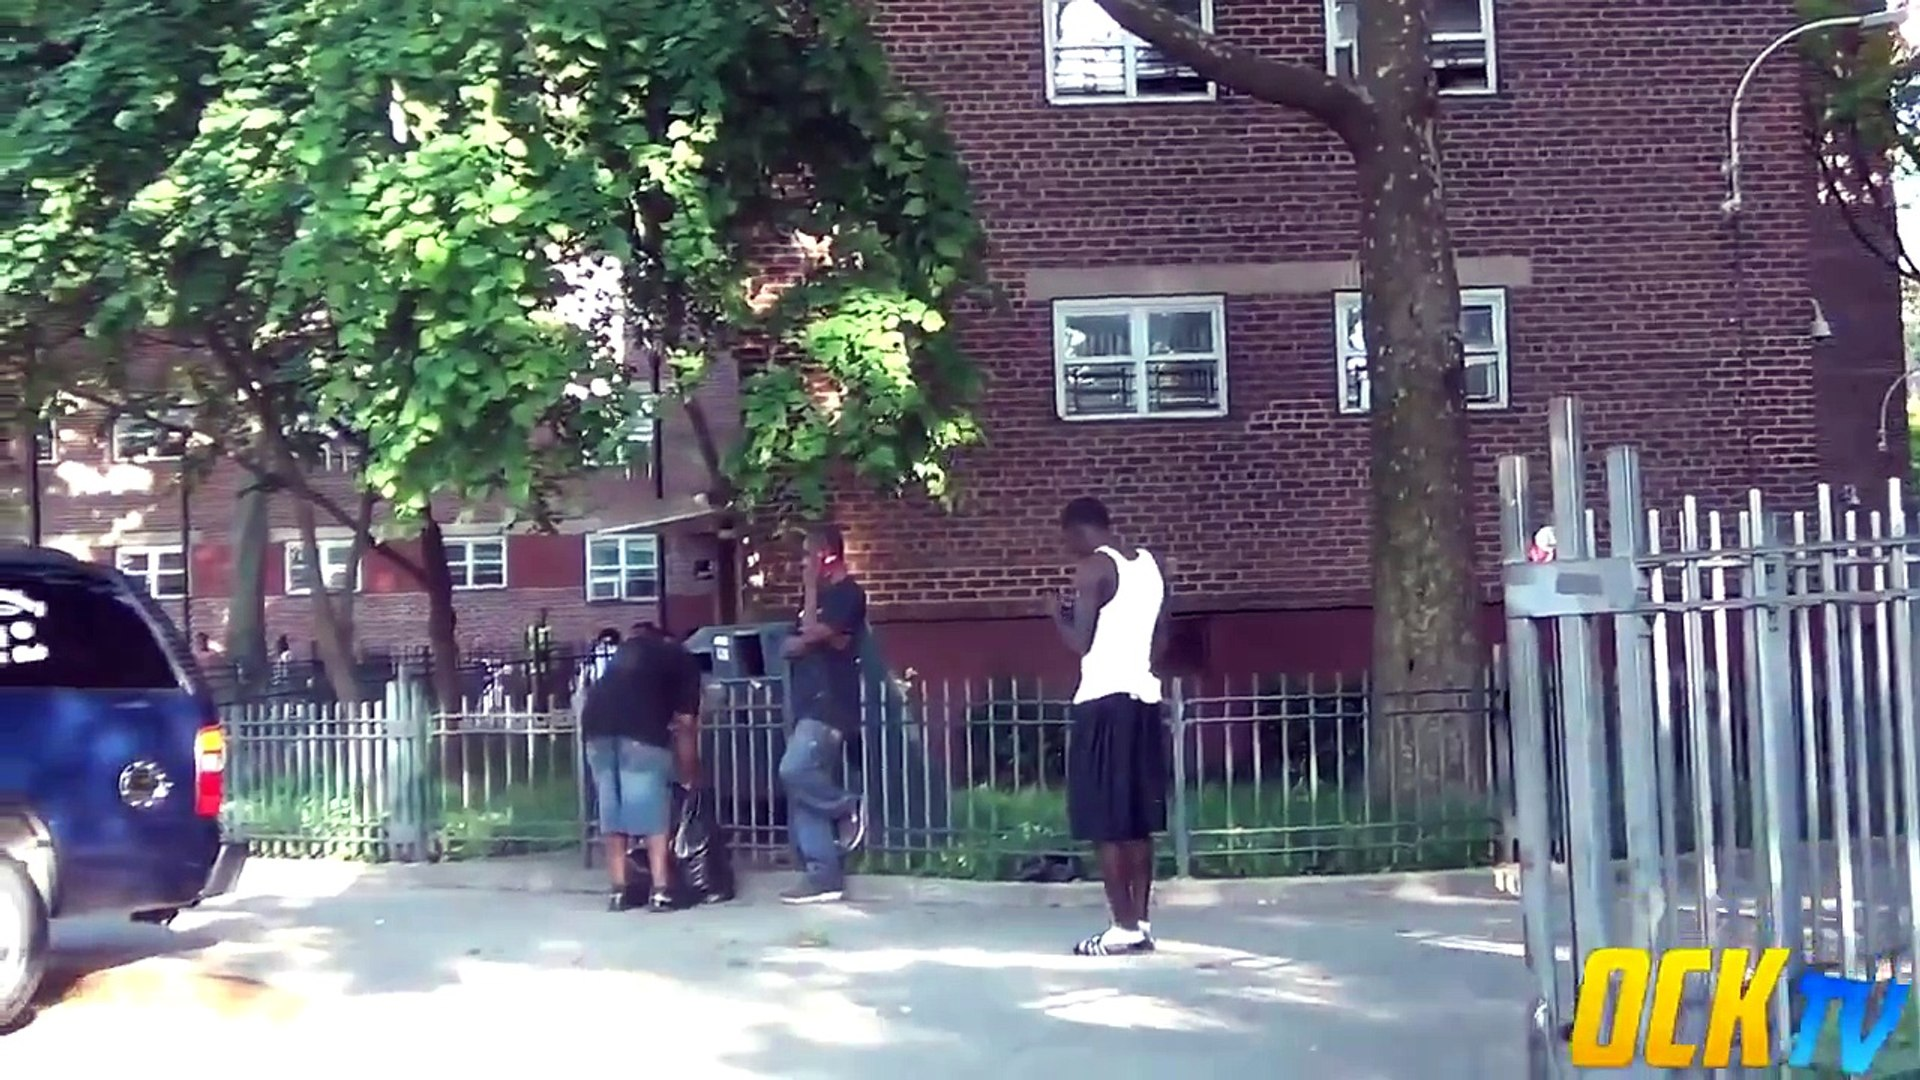 Taking Peoples Phones (PRANKS GONE WRONG) Hood Pranks Pranks in the Hood Public Pranks